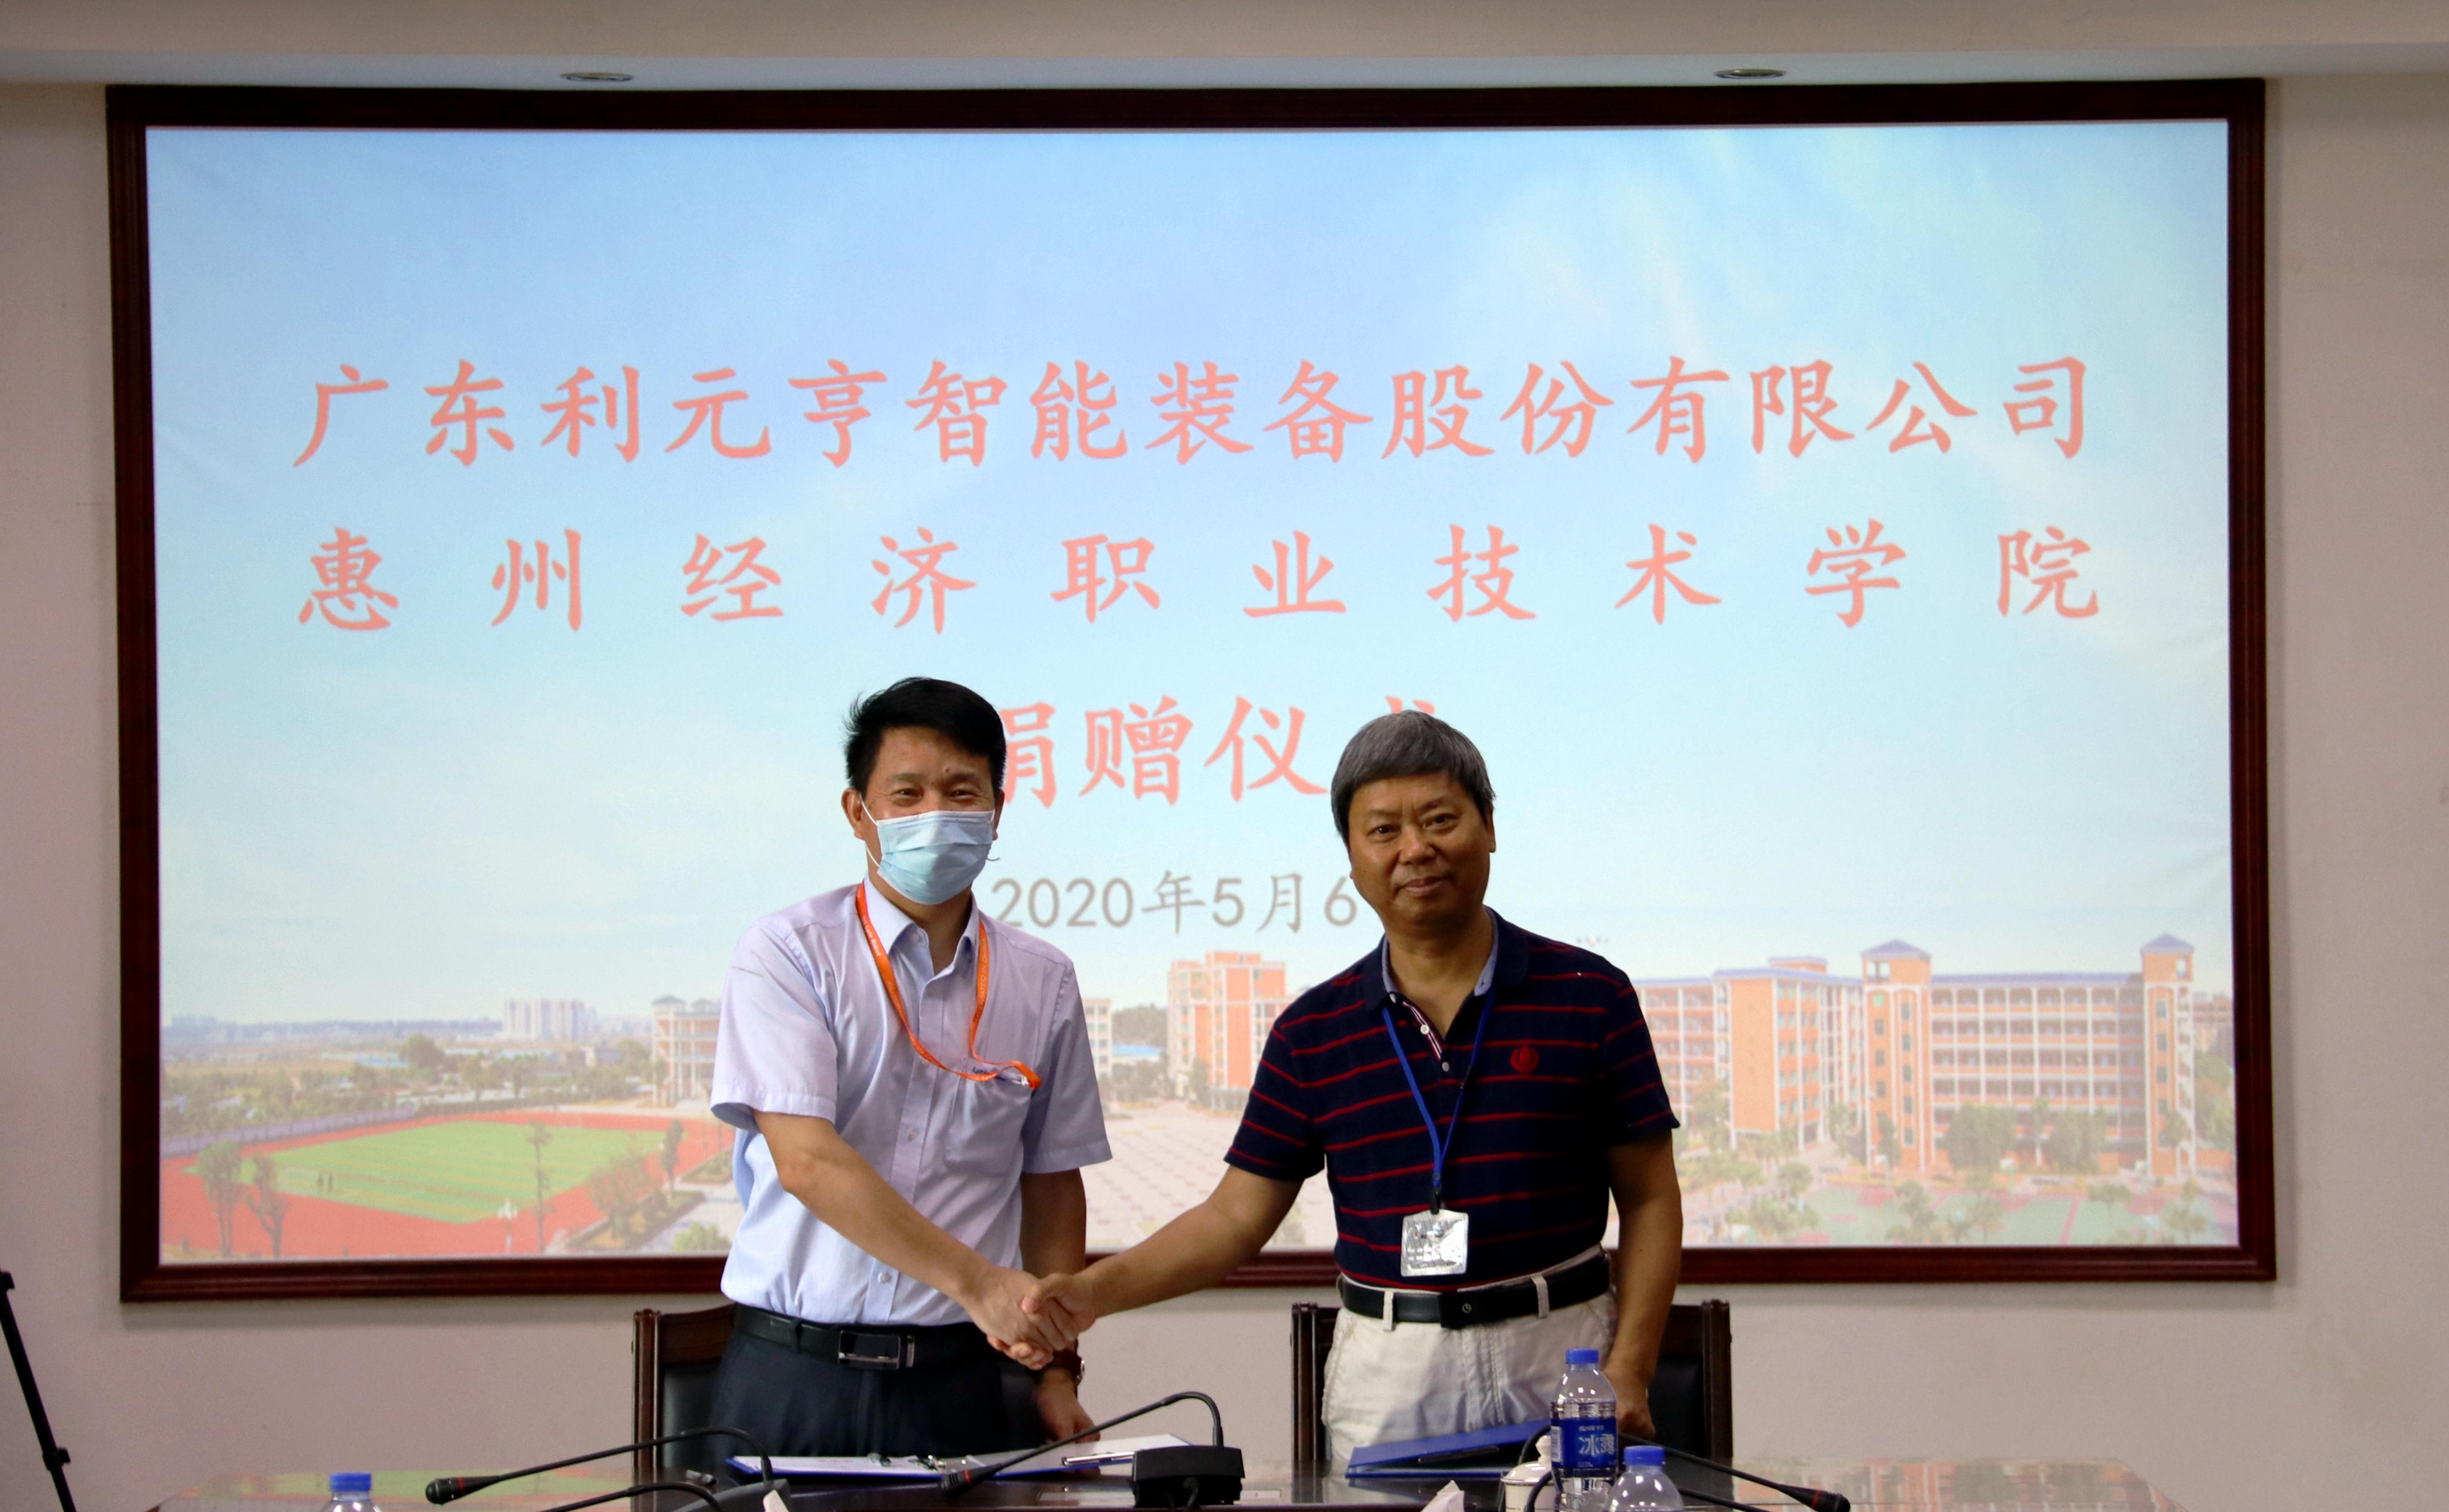 广东利元亨智能装备股份有限公司为我校捐赠防疫物资